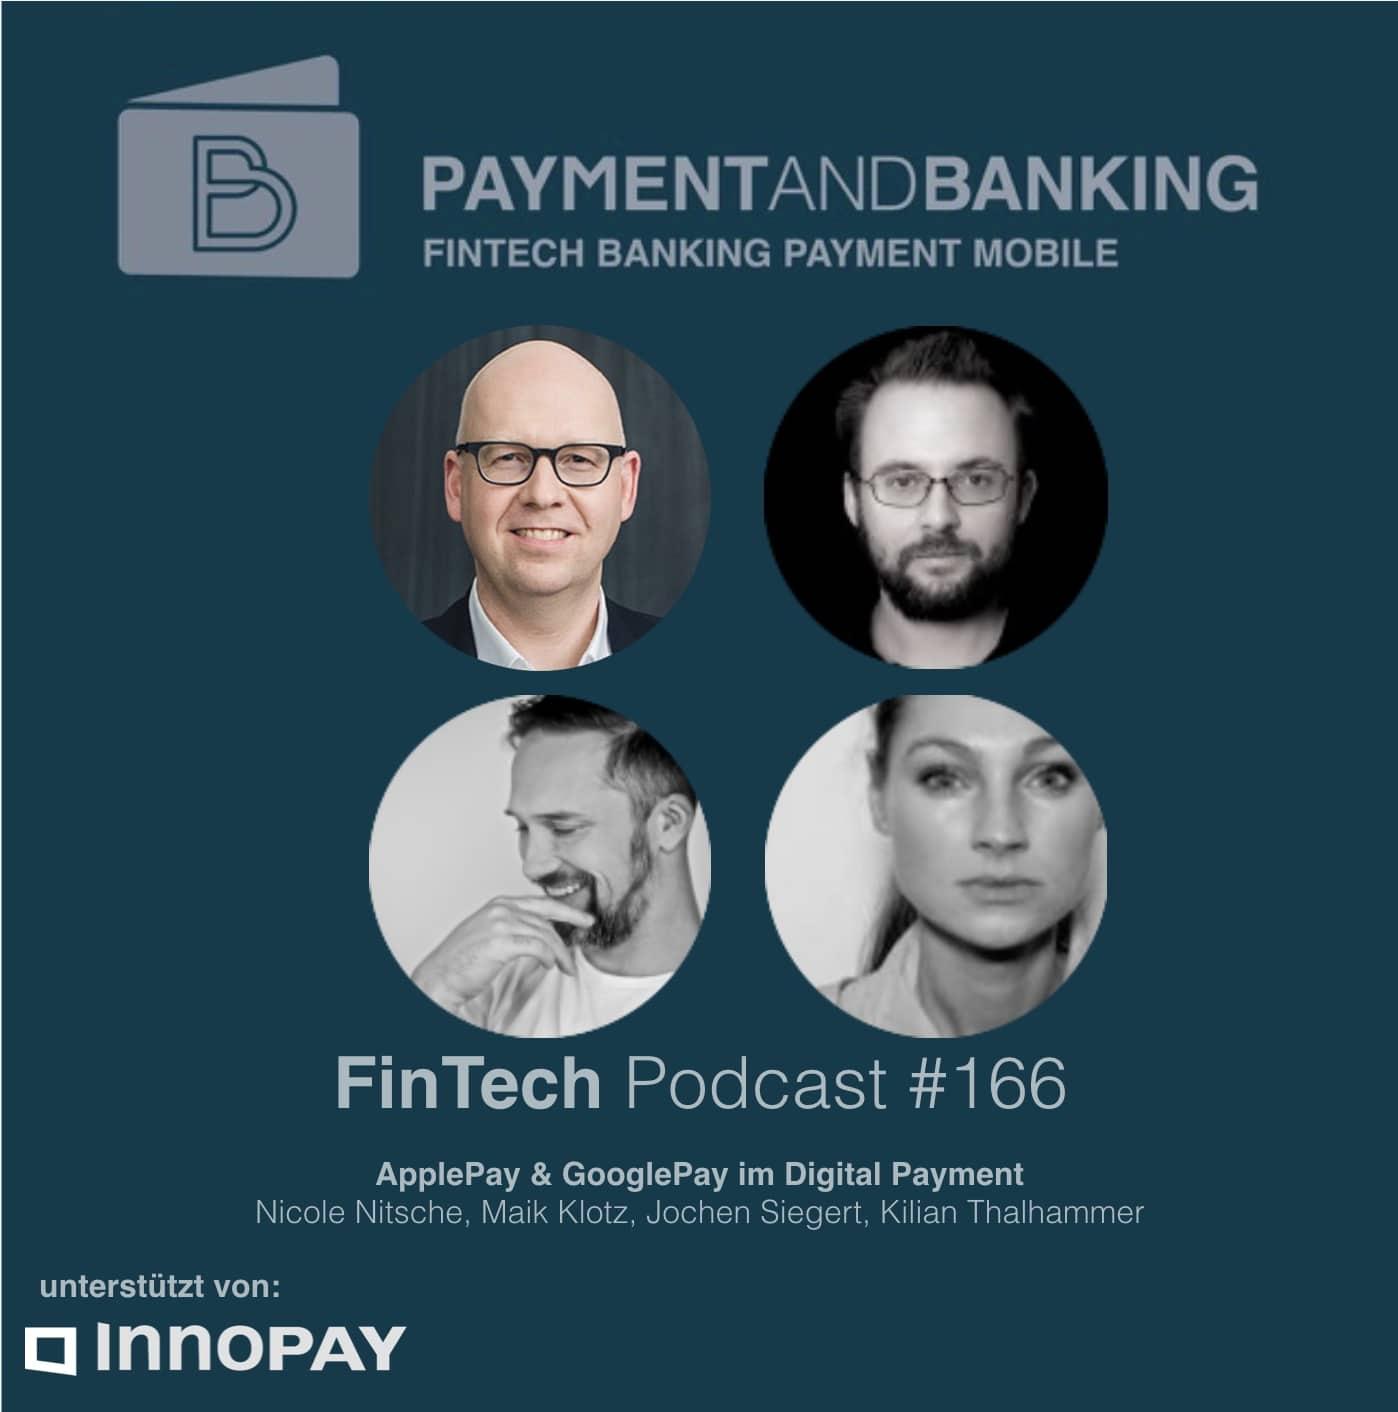 FinTech Podcast #166 – ApplePay & GooglePay im Digital Payment